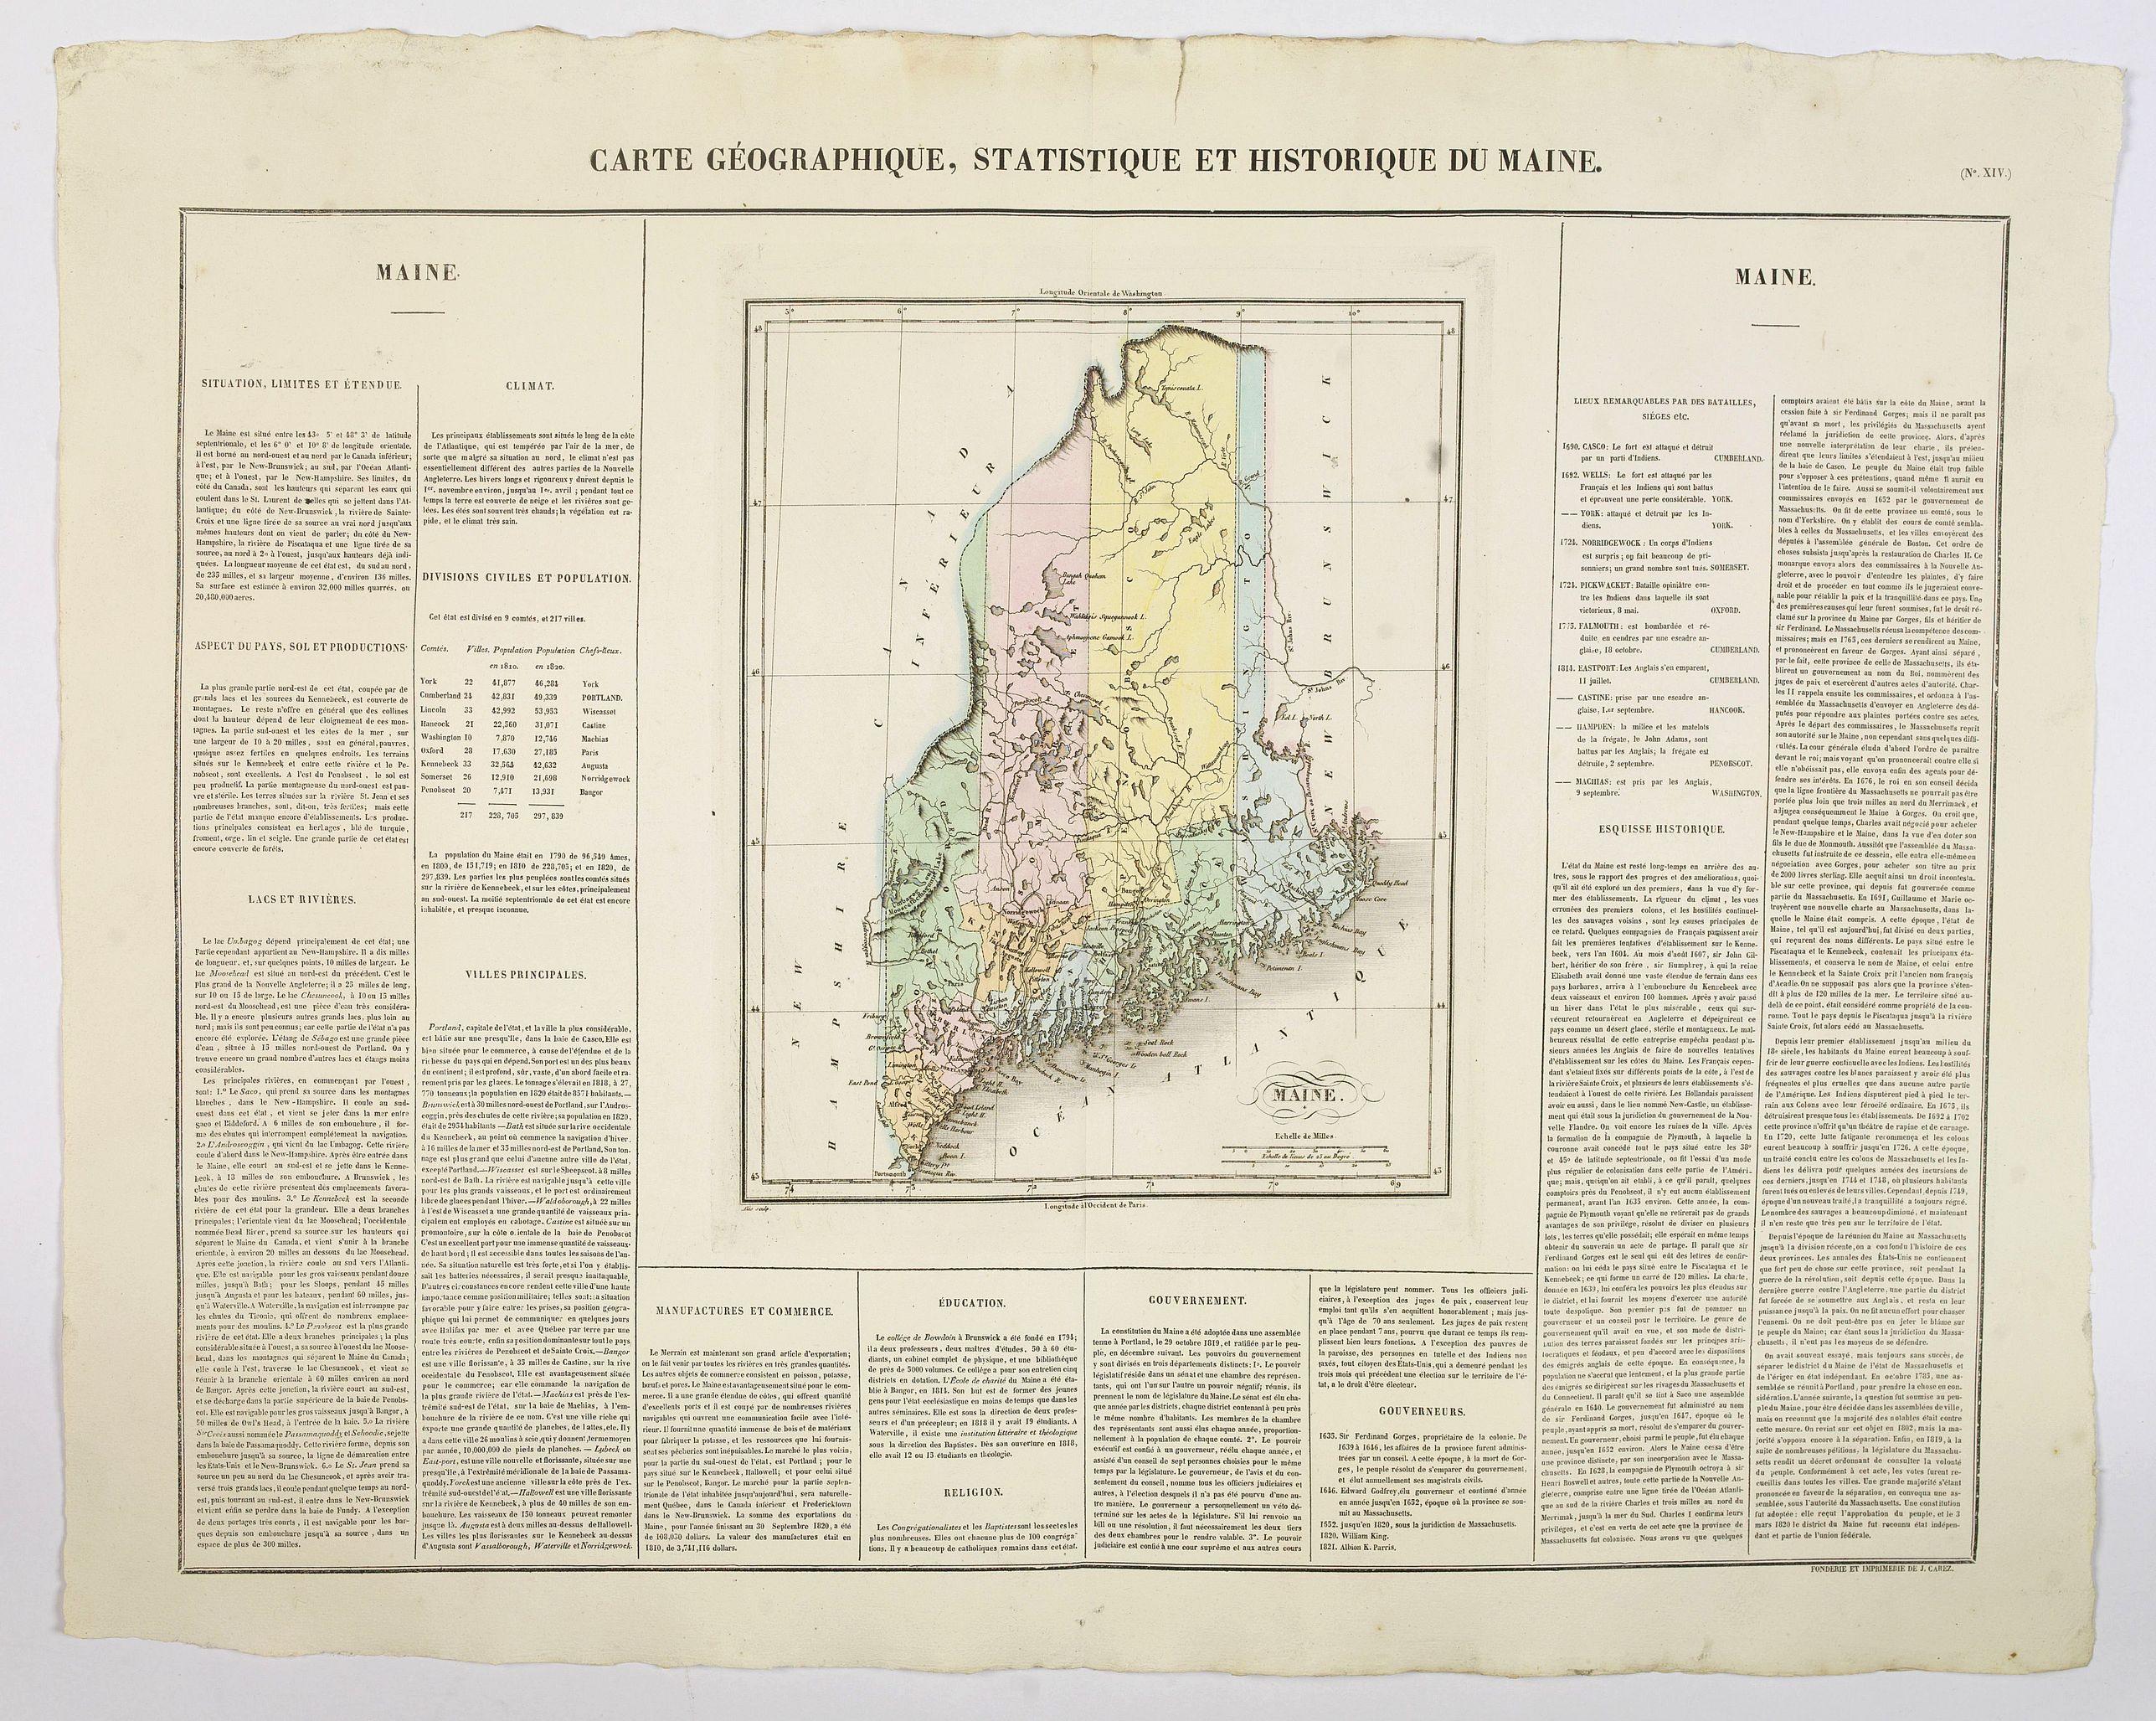 BUCHON, J.A. -  Carte Geographique, Statistique et Historique du Maine.